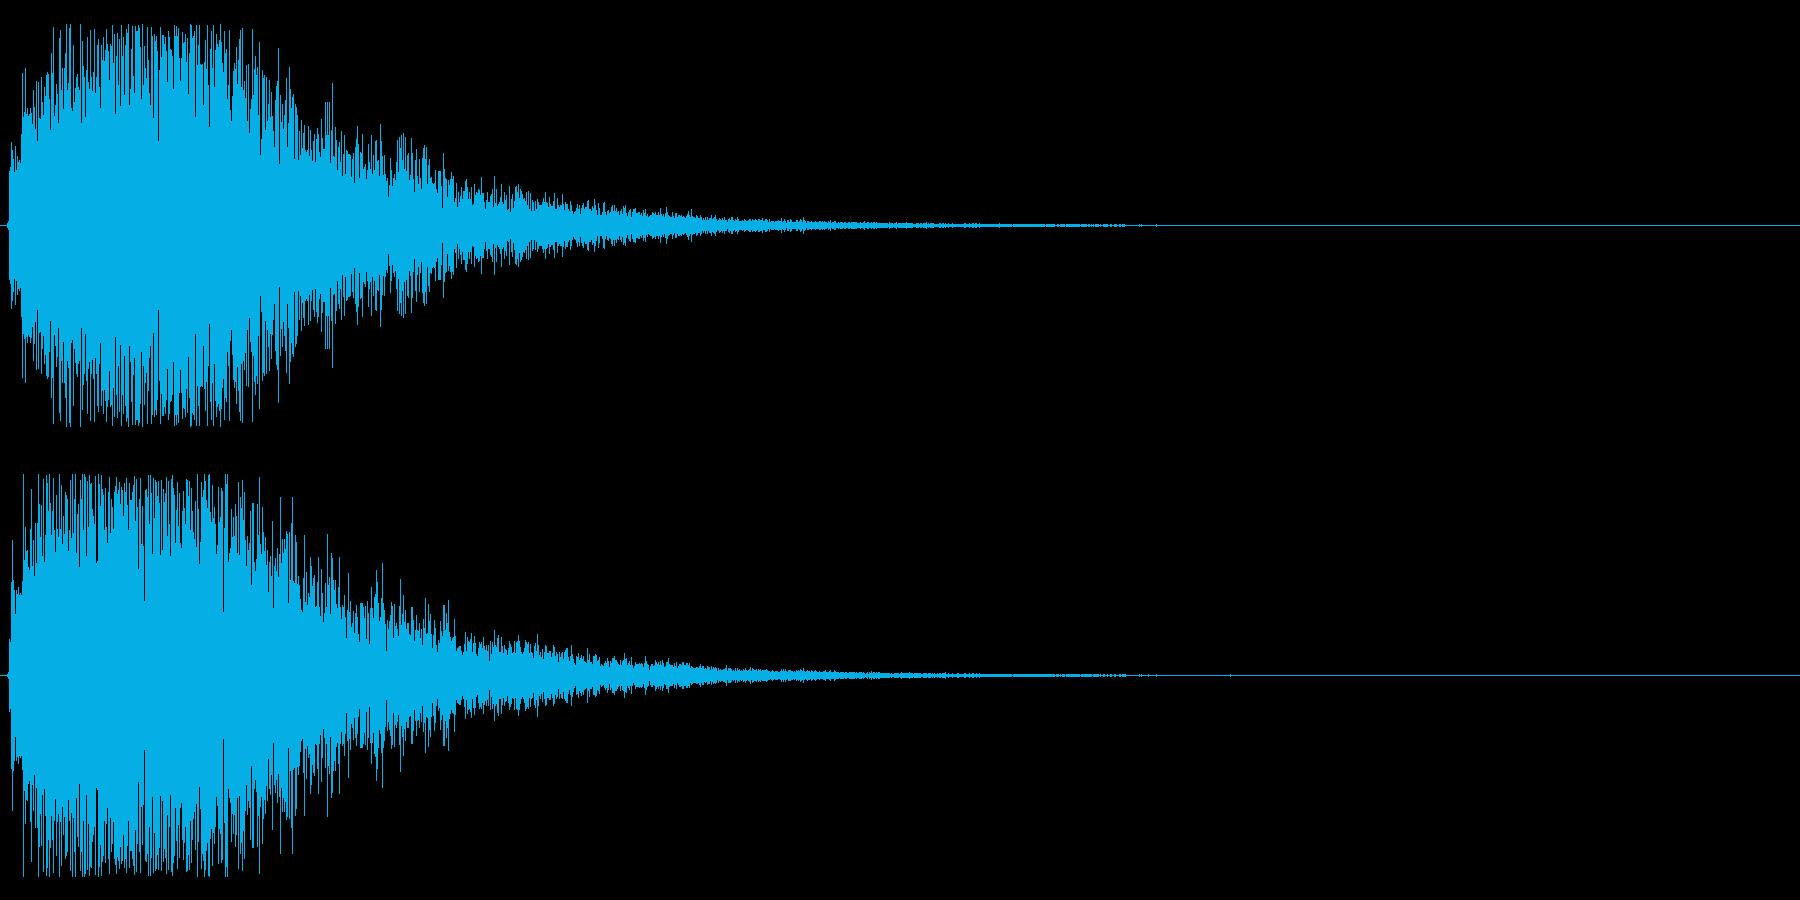 攻撃する、カットイン等のwhooshの再生済みの波形